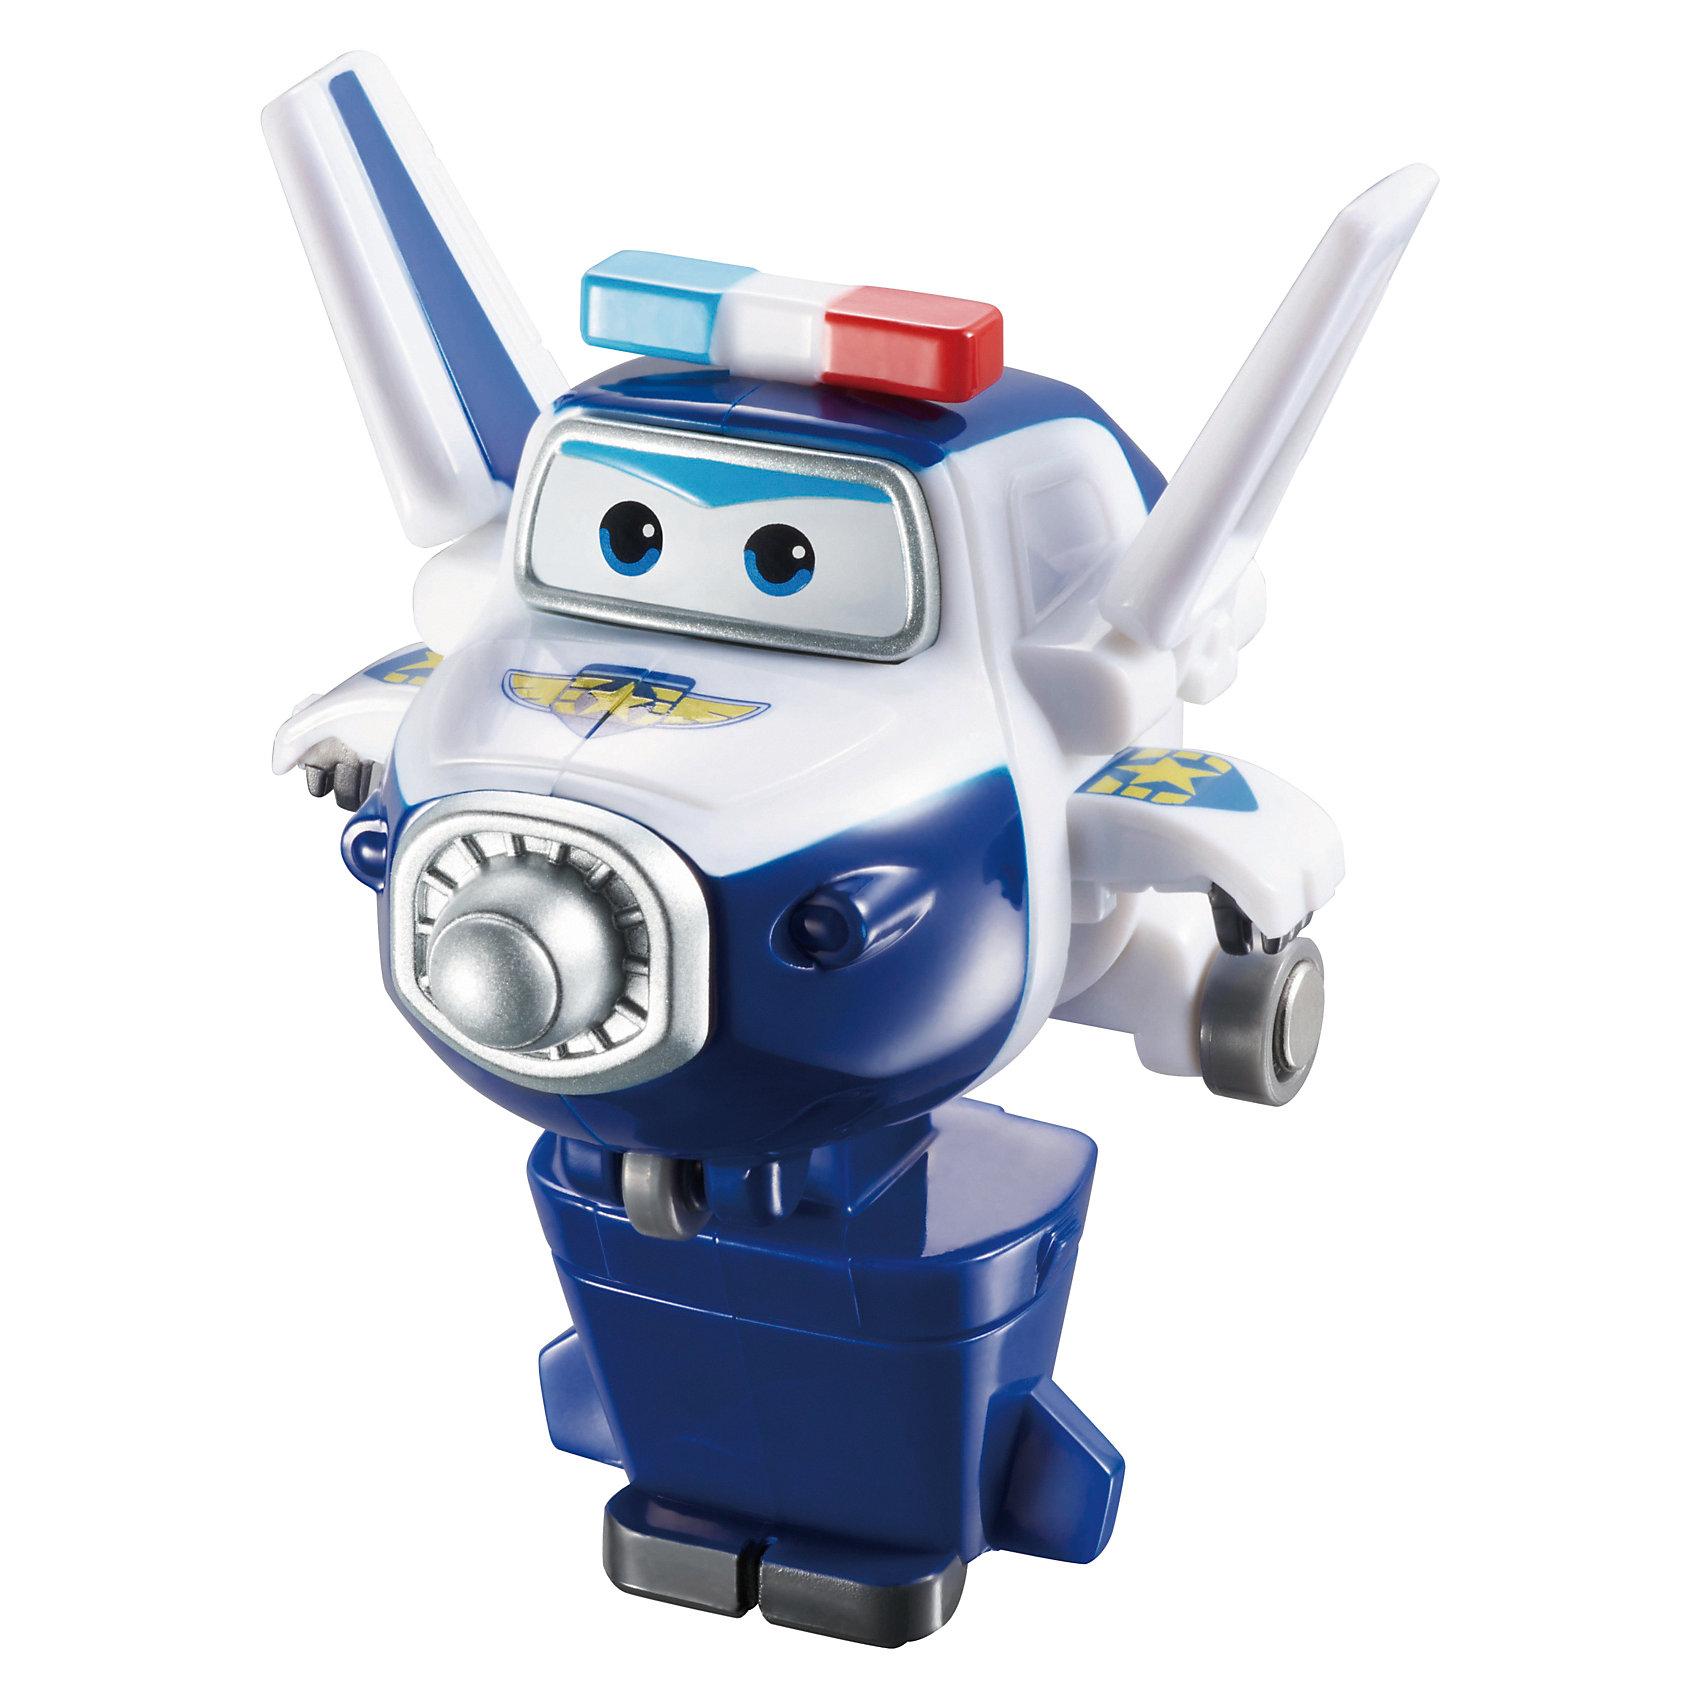 Мини-трансформер Пол, Супер КрыльяСупер Крылья<br>Играть с самолетами любит практически каждый ребенок. Сделать игру ярче и увлекательнее поможет герой популярного мультфильма Супер Крылья, любимого детьми. Игрушка всего за несколько мгновений трансформируется из самолета в робота. К нему можно также фигурки-трансформеры заказать друзей из этого мультфильма! Компактный размер позволит ребенку брать игрушку с собой в гости или на прогулку.                <br>Этот трансформер обязательно порадует ребенка! Игры с ним также помогают детям развивать воображение, логику, мелкую моторику и творческое мышление. Самолет сделан из качественных и безопасных для ребенка материалов.<br><br>Дополнительная информация:<br><br>цвет: разноцветный;<br>размер упаковки: 12 х 15 х 6 см;<br>вес: 300 г;<br>материал: пластик.<br><br>Игрушку Мини-трансформер Пол можно купить в нашем магазине.<br><br>Ширина мм: 120<br>Глубина мм: 155<br>Высота мм: 62<br>Вес г: 300<br>Возраст от месяцев: 36<br>Возраст до месяцев: 2147483647<br>Пол: Мужской<br>Возраст: Детский<br>SKU: 4918775